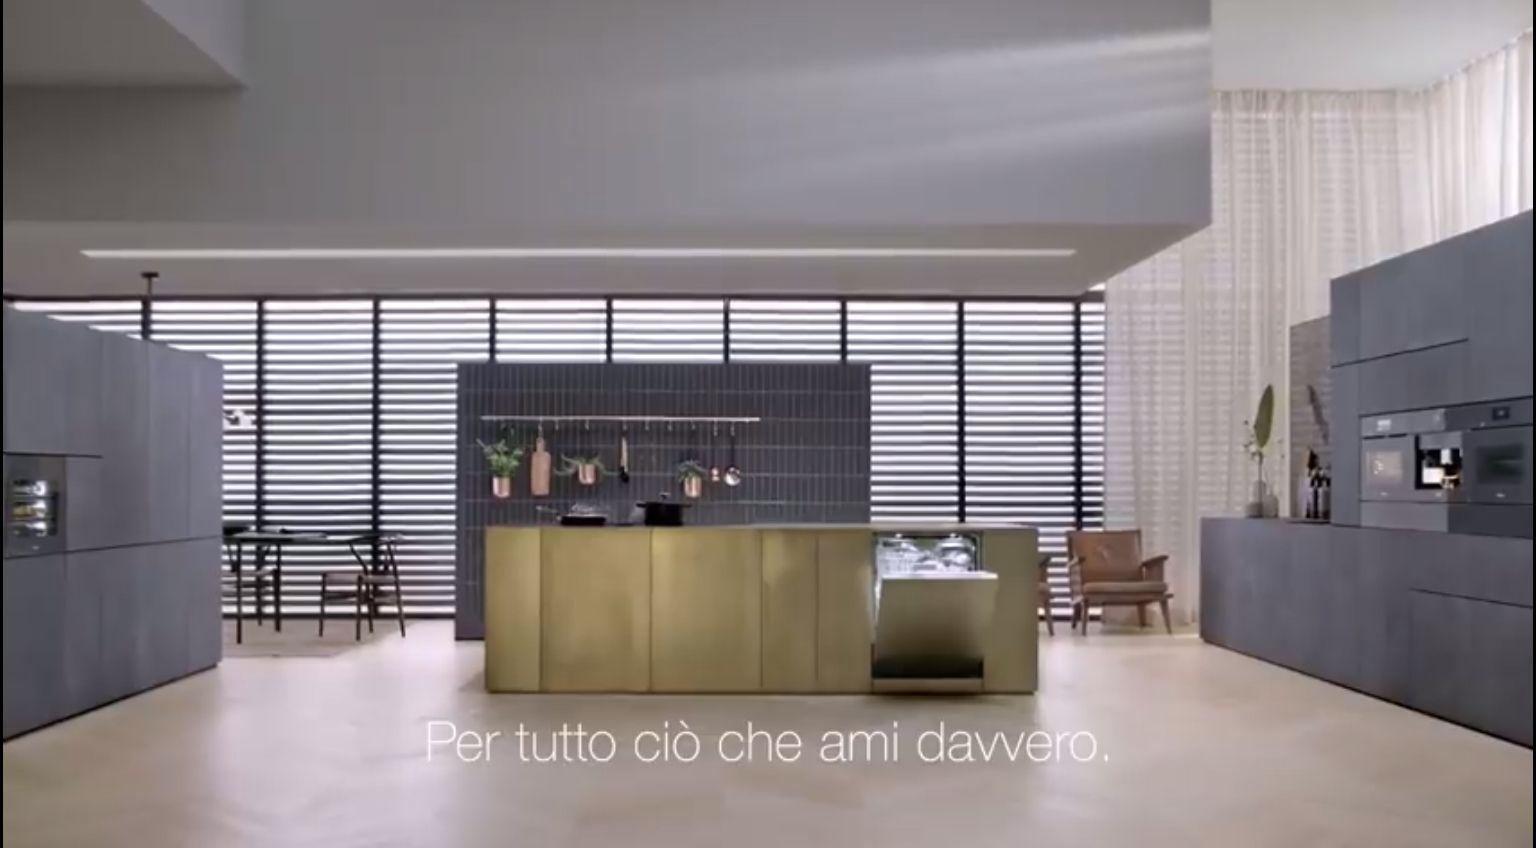 Lo Specchio In Cucina la cucina è lo specchio delle persone e del loro stile di